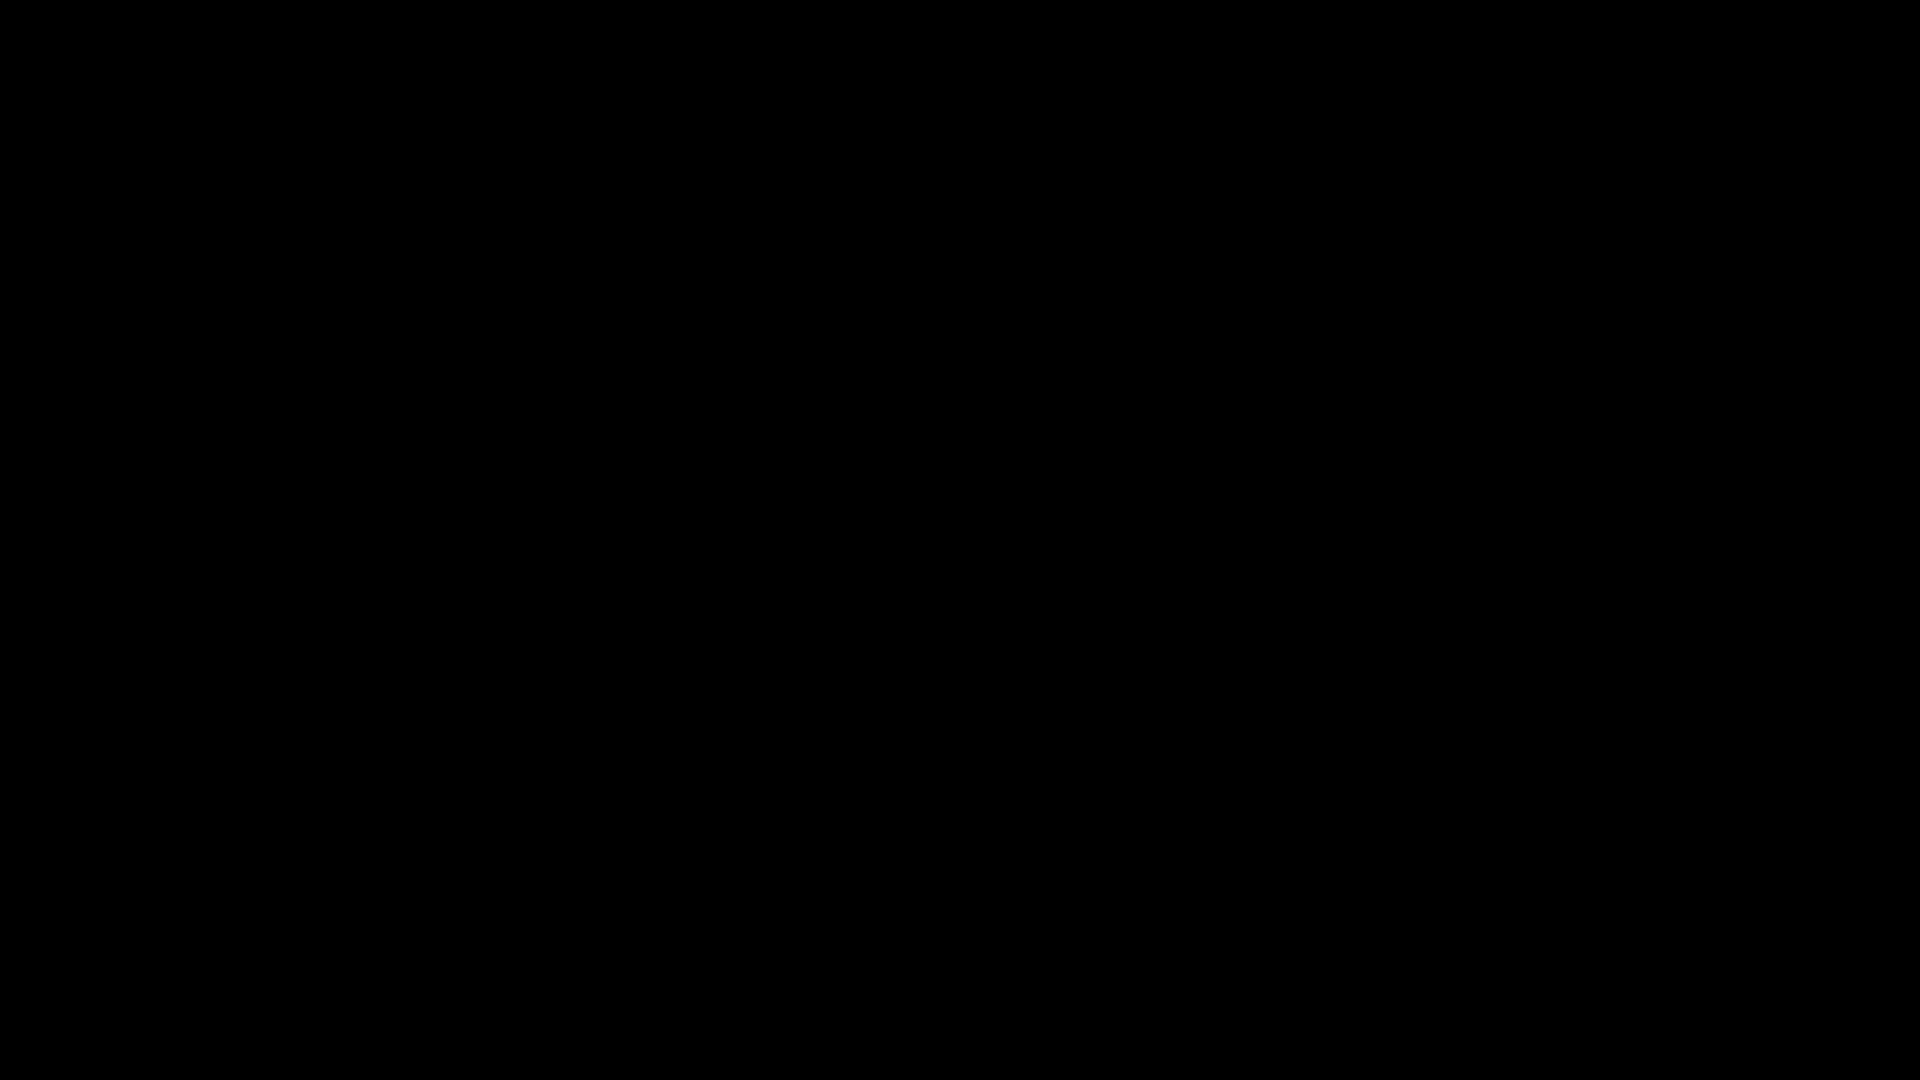 Longzorgprogramma Nijkerk op congres Realisatie hoofdlijnenakkoorden